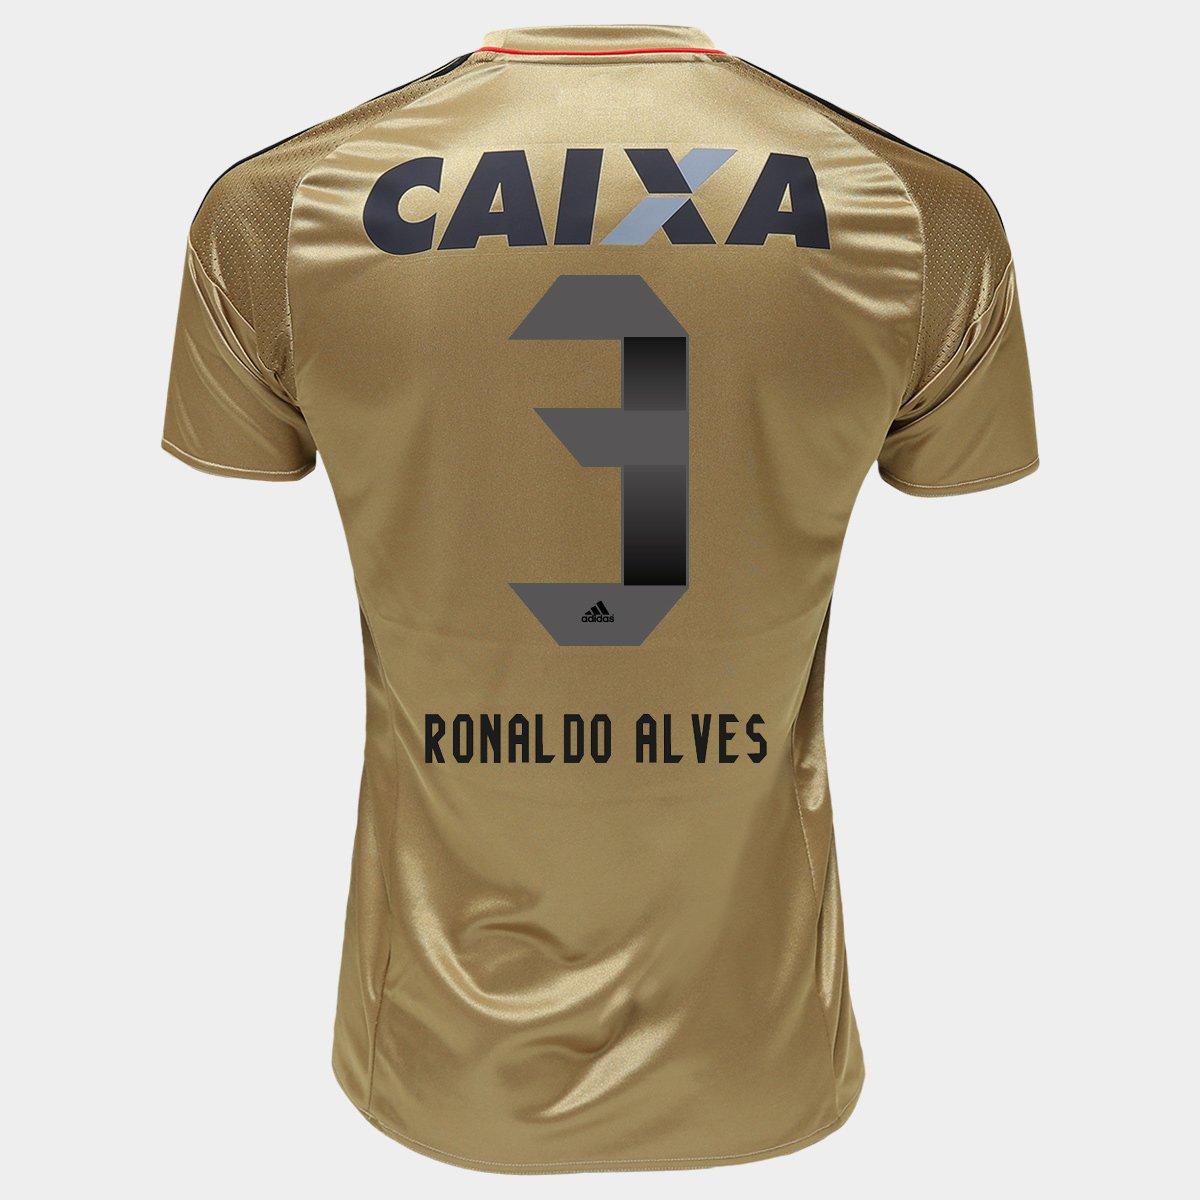 9d0592270 Camisa Adidas Sport Recife III 2016 nº 3 – Ronaldo Alves - Compre Agora